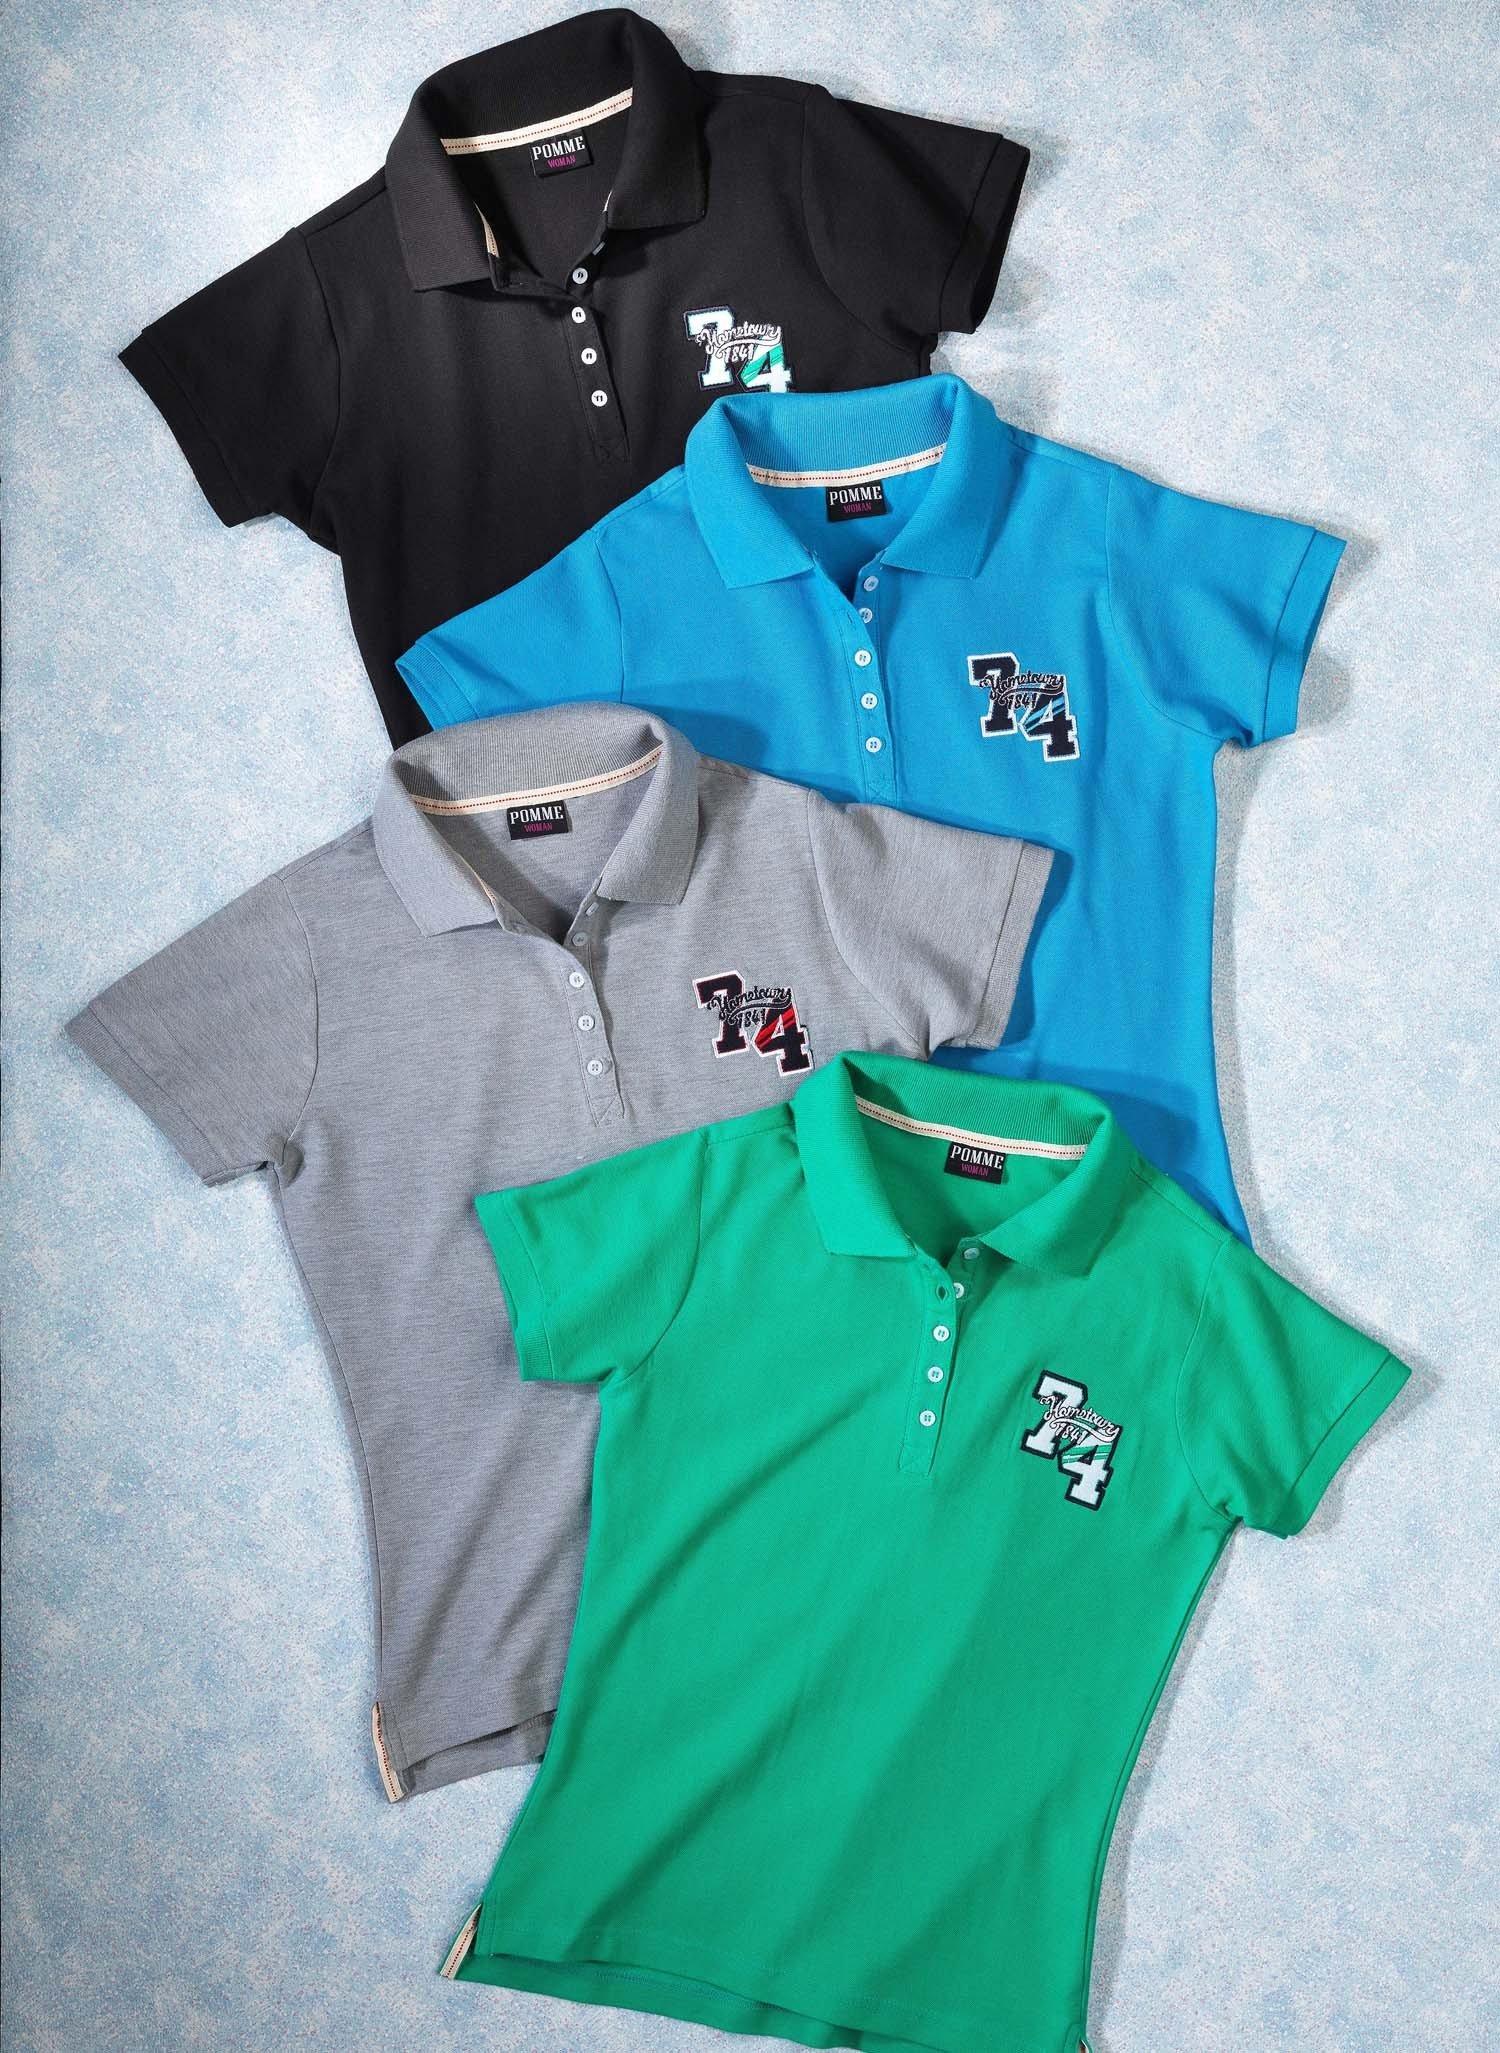 D-KA-Piquet-Polo Shirt grau m. L 004 - 2 - Ronja.ch